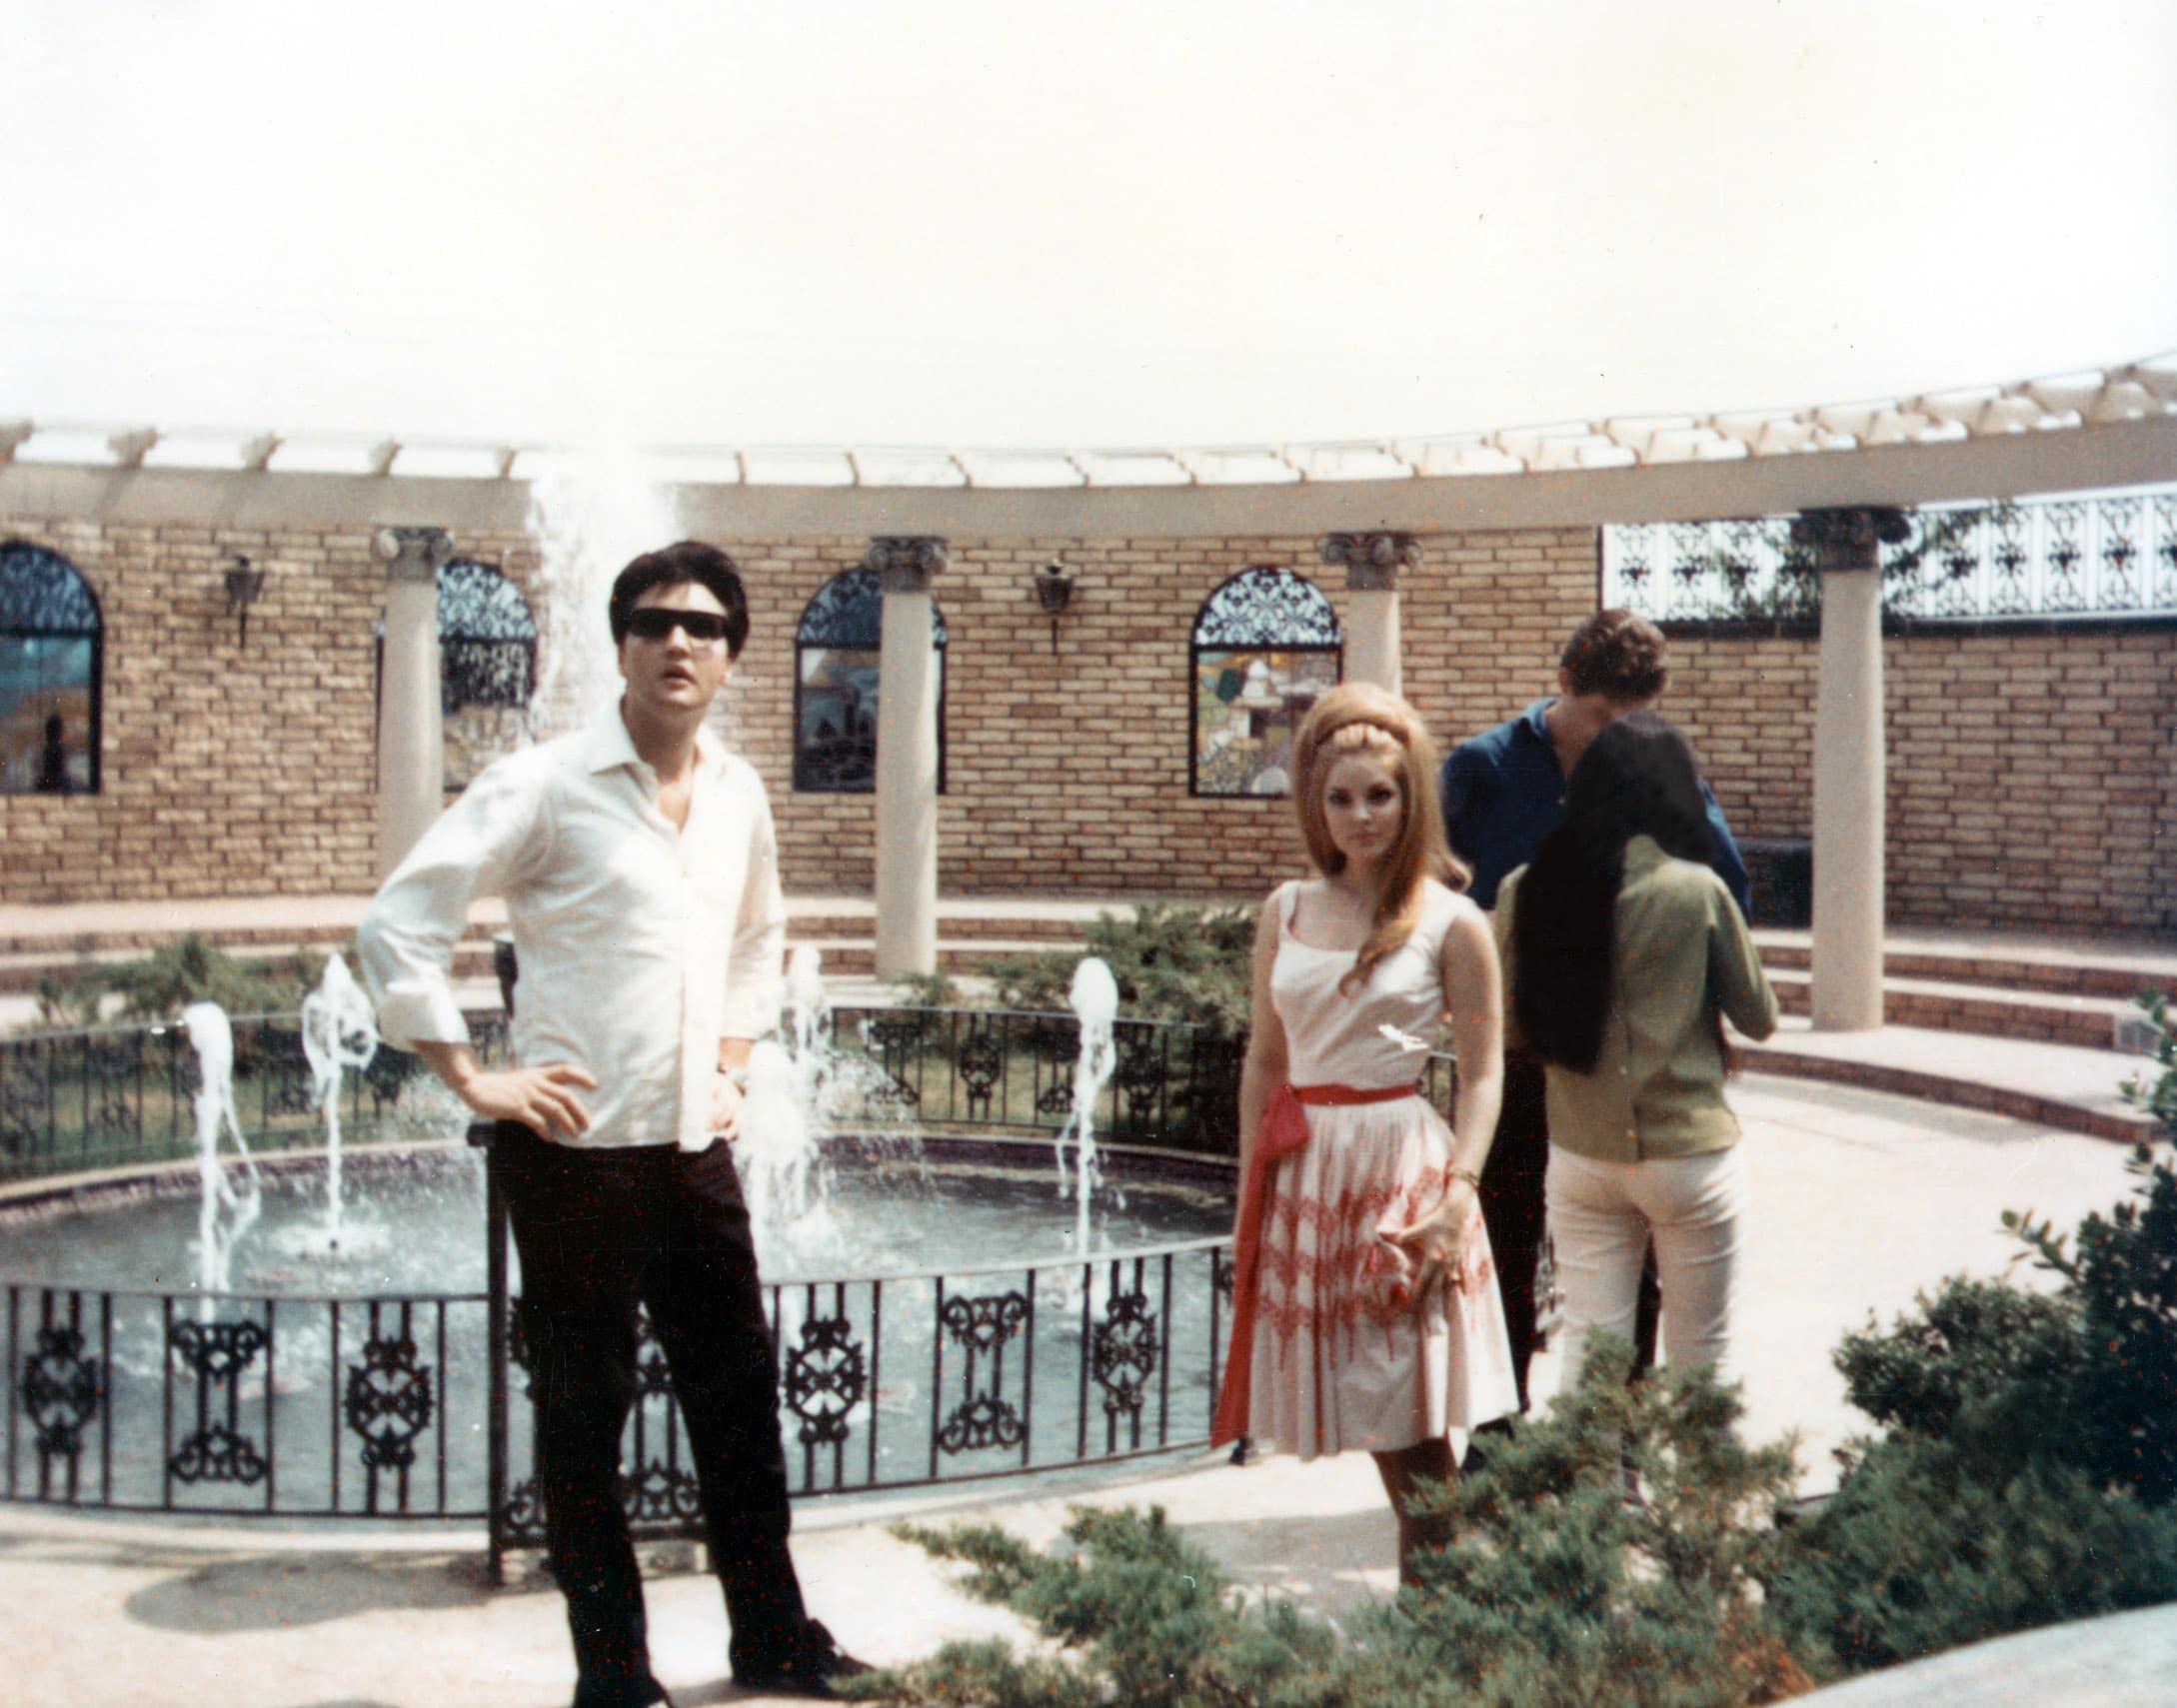 ELVIS PRESLEY, Priscilla Presley, guests unknown, c. early 1970s